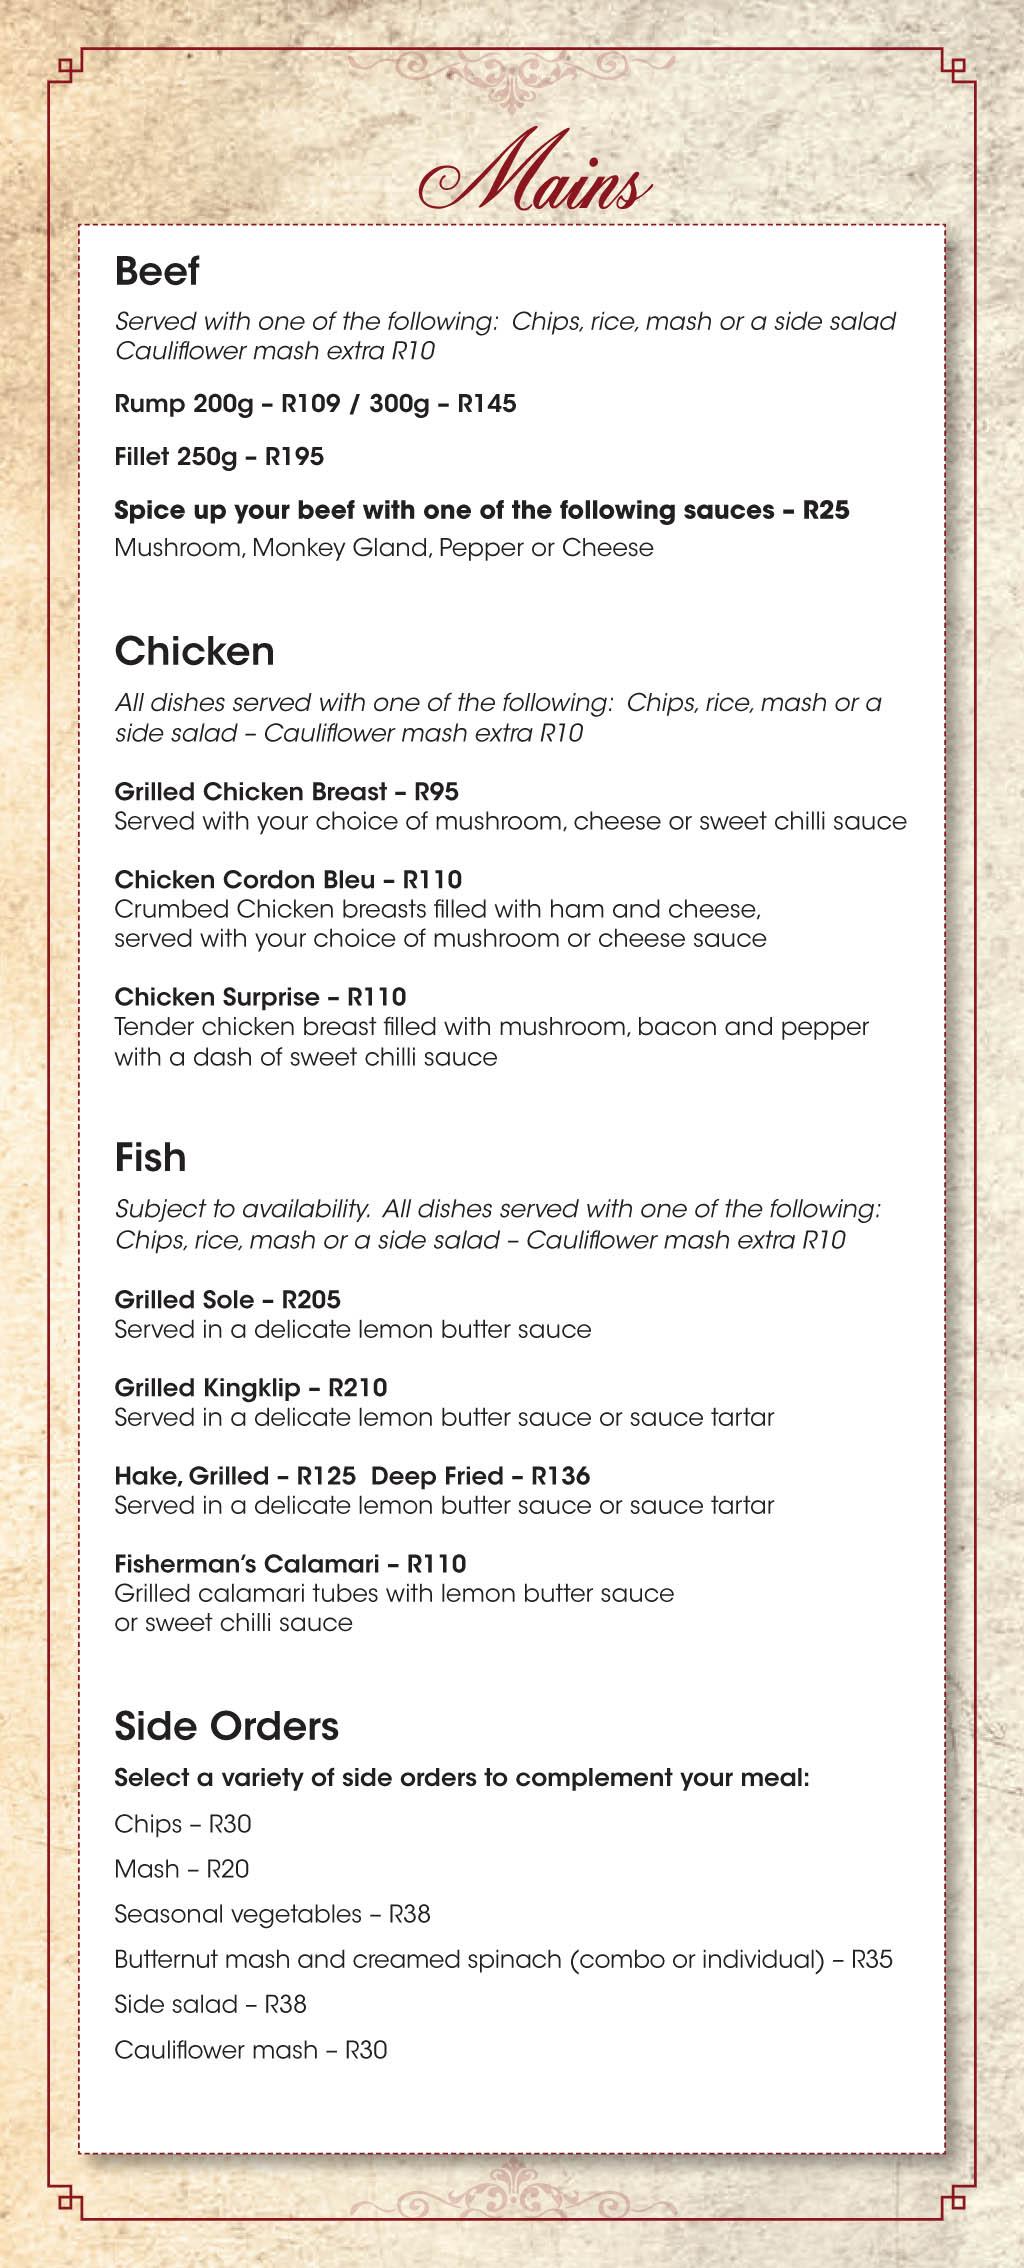 Blandford menu 2018-4